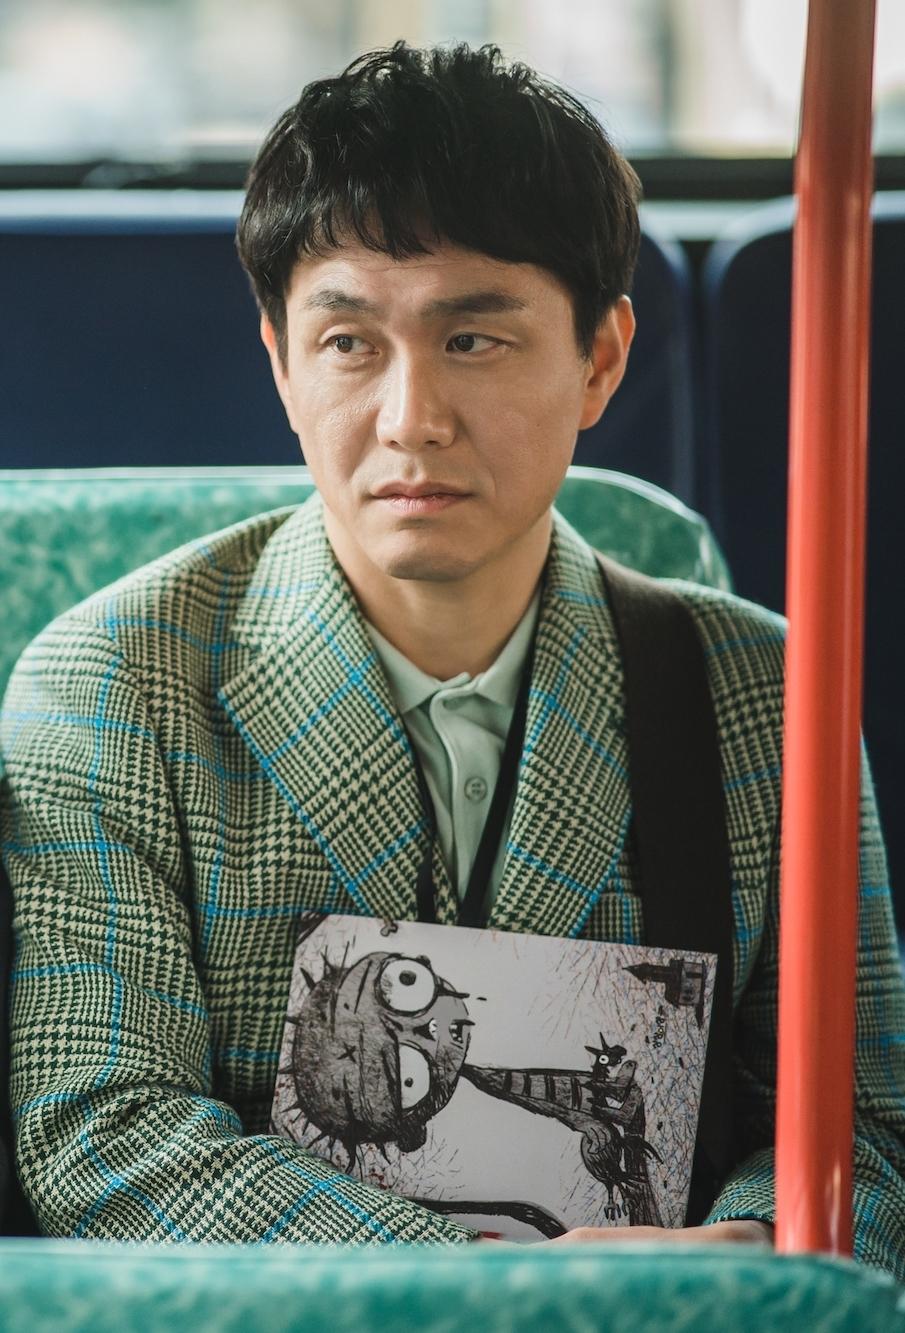 「サイコだけど大丈夫」、『最も普通の恋愛』も! この夏観るべき韓流ドラマ&映画はこれ_1_3